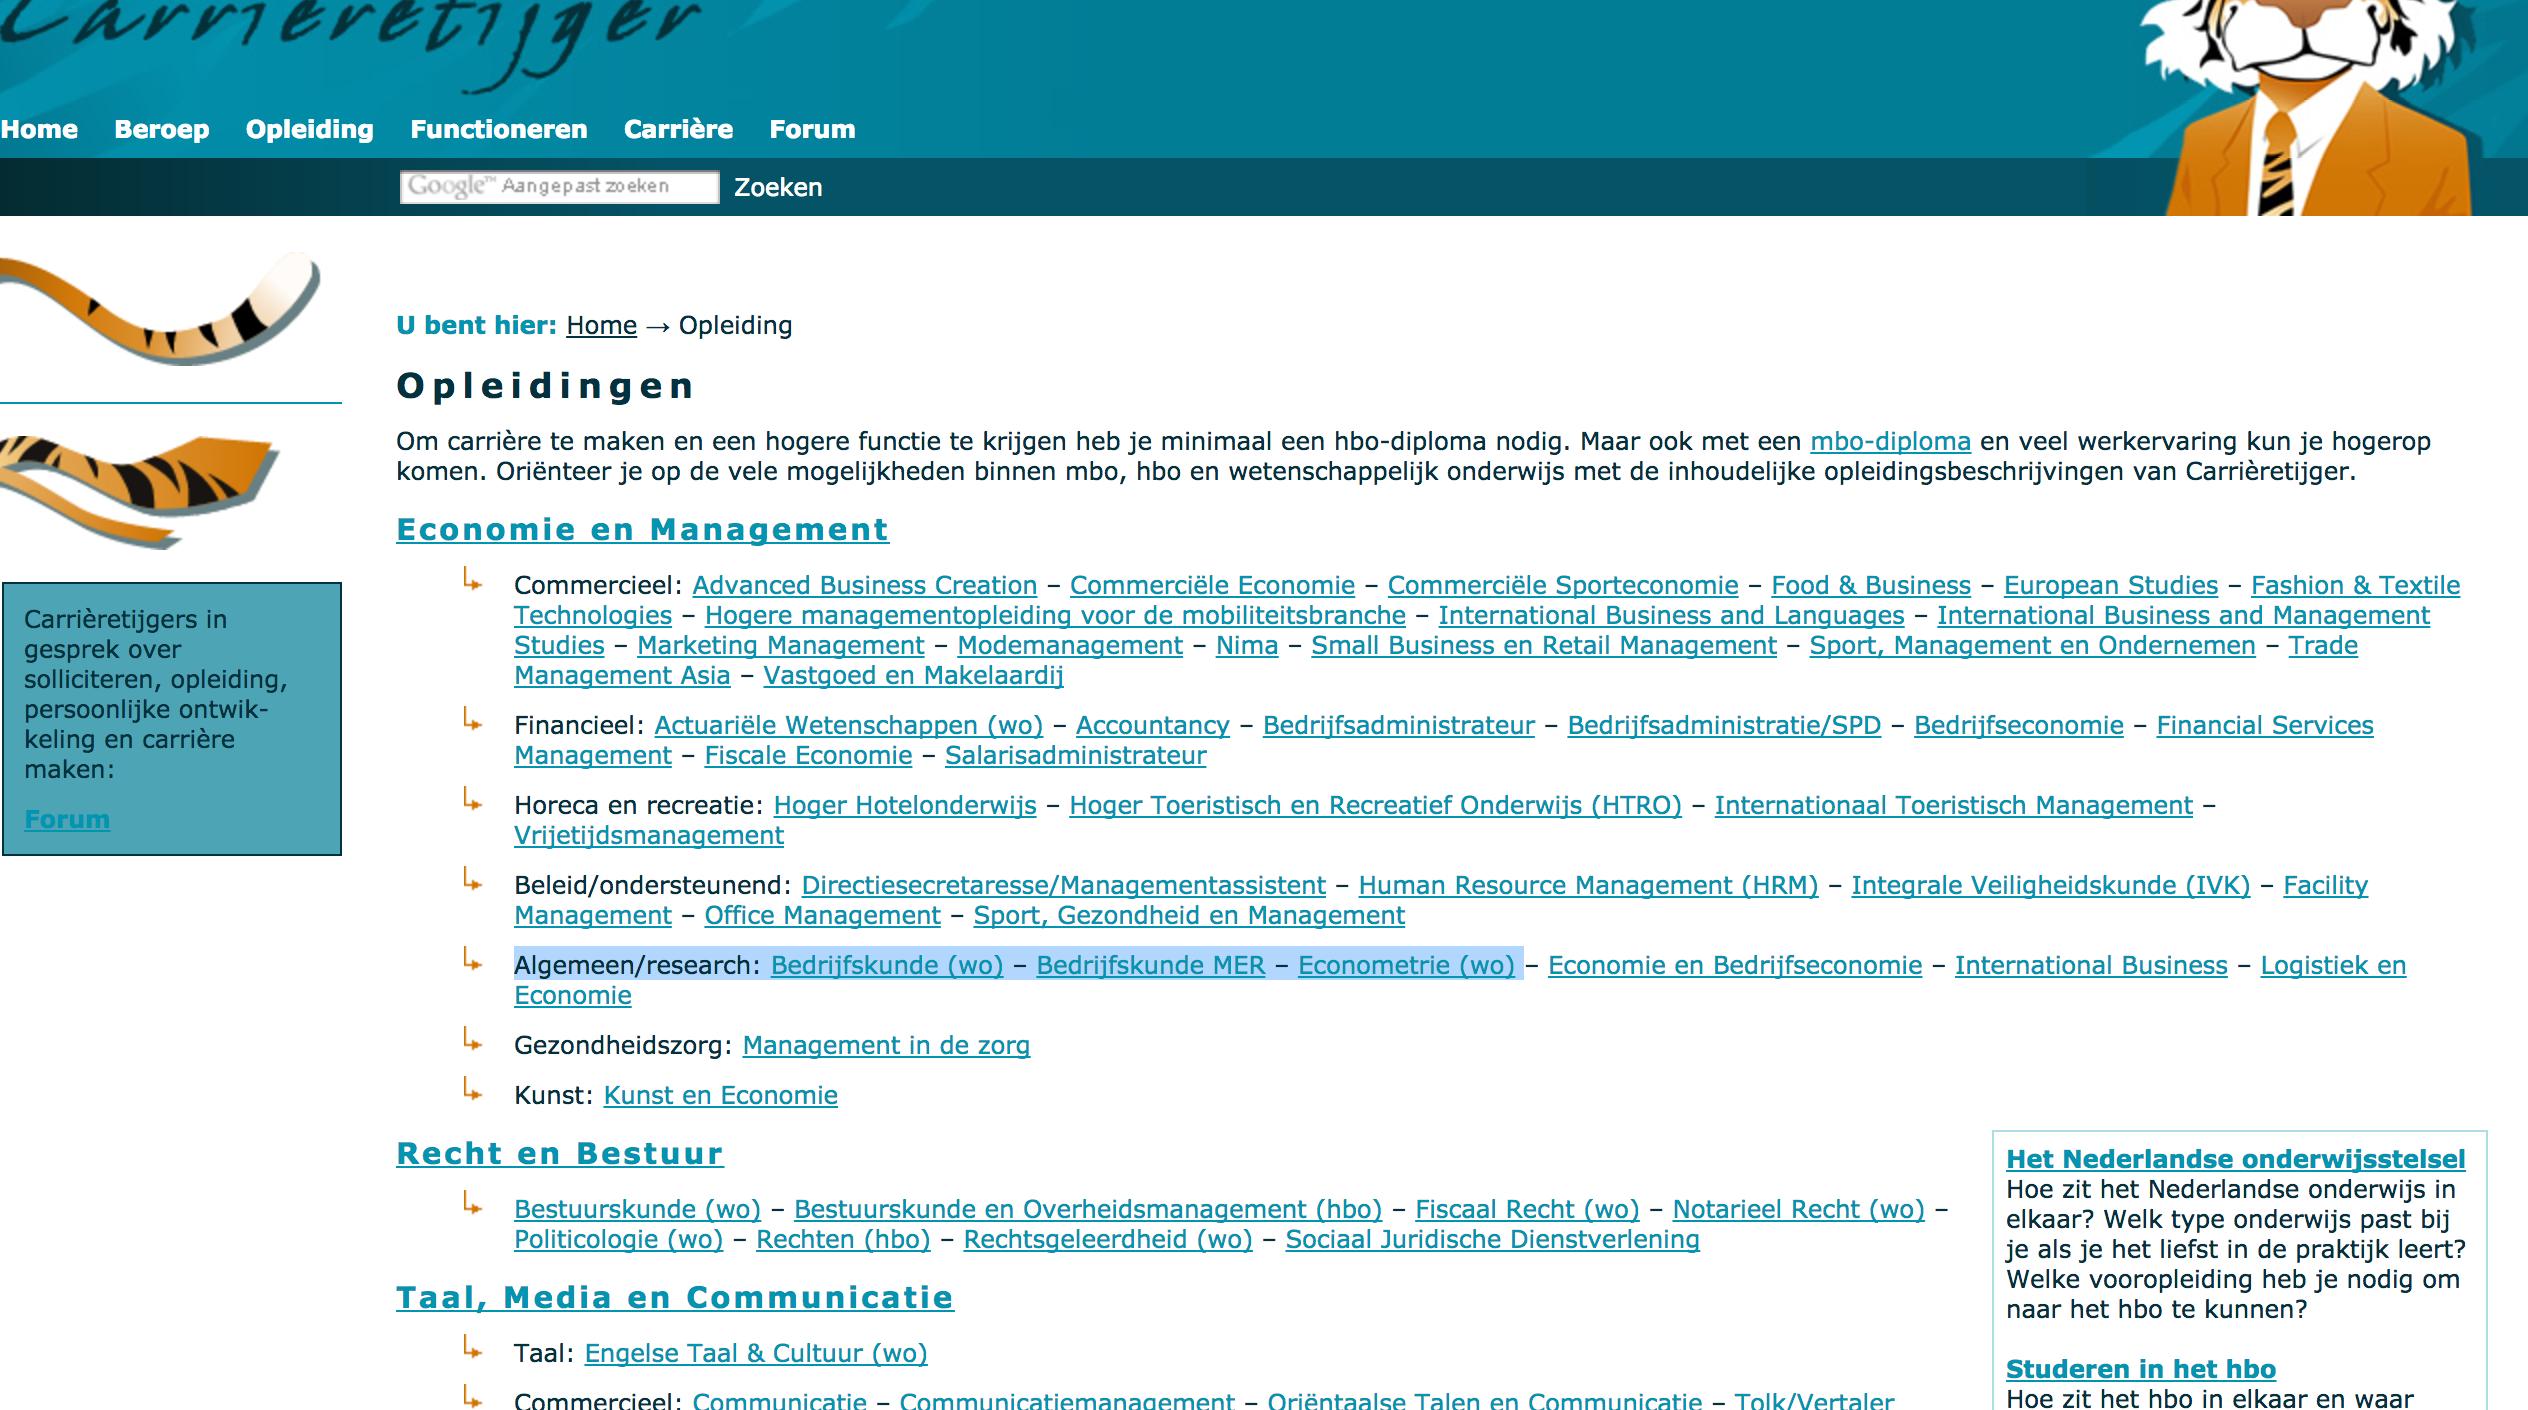 carrieretijger sollicitatie menu page http://.carrieretijger.nl/opleiding | Navigatie  carrieretijger sollicitatie